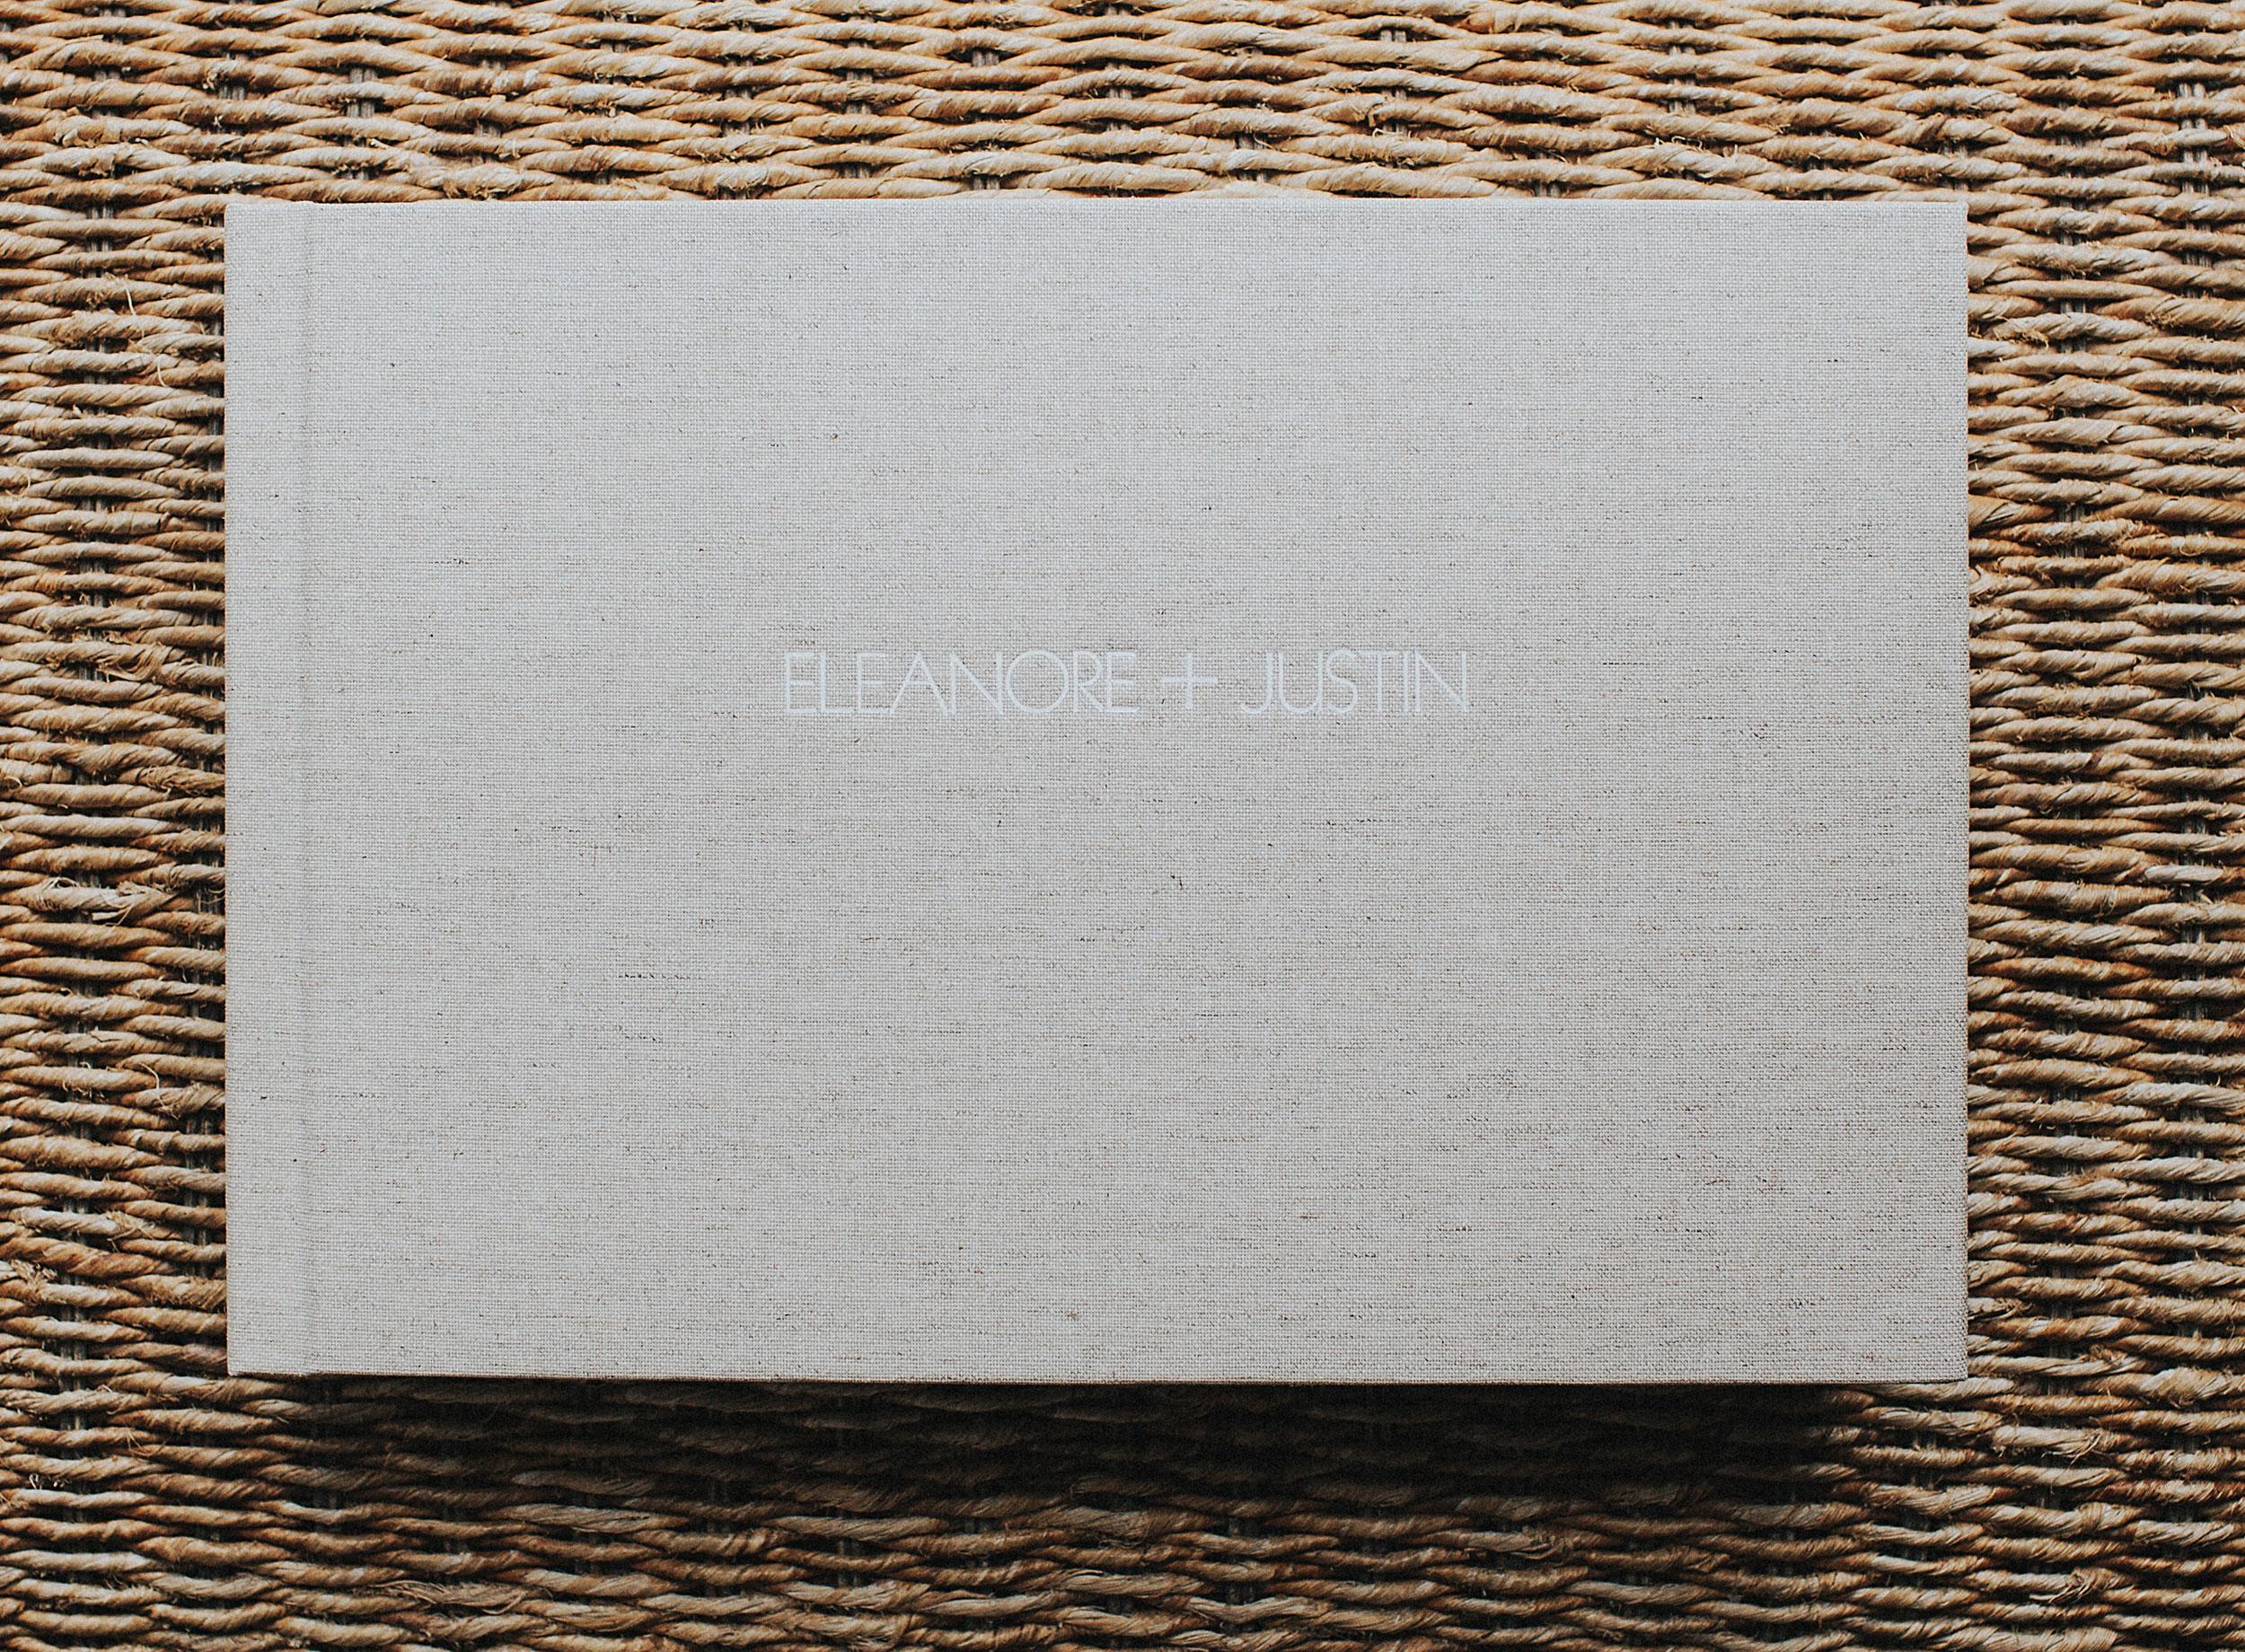 wedding-album-louisville-kentucky-linen-001.JPG